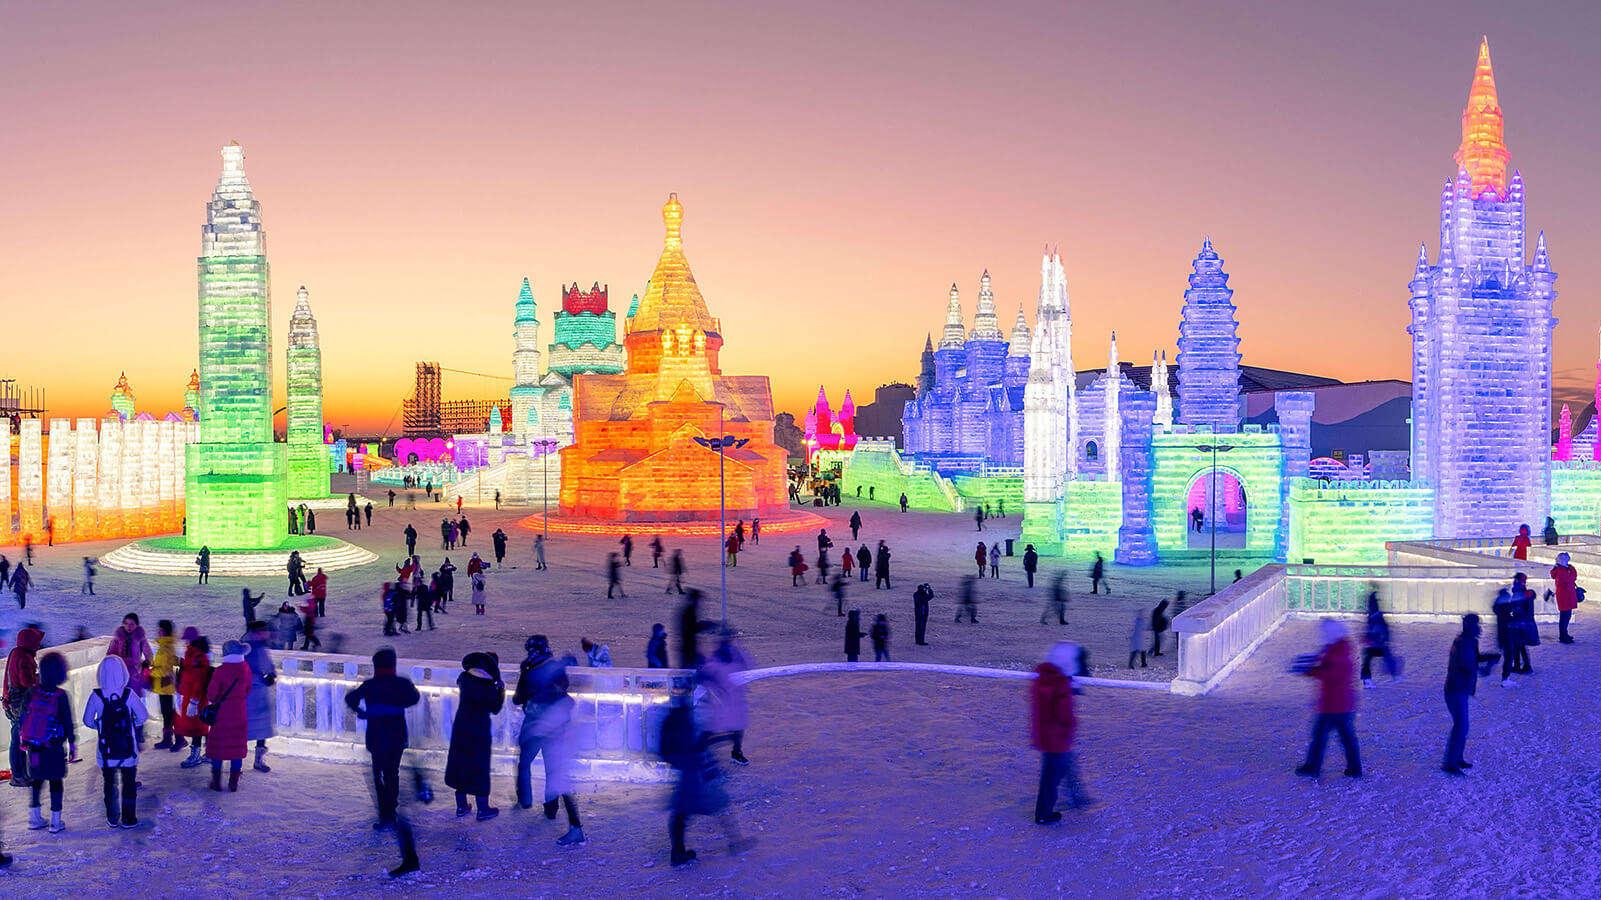 beautiful ice sculptures in Harbin